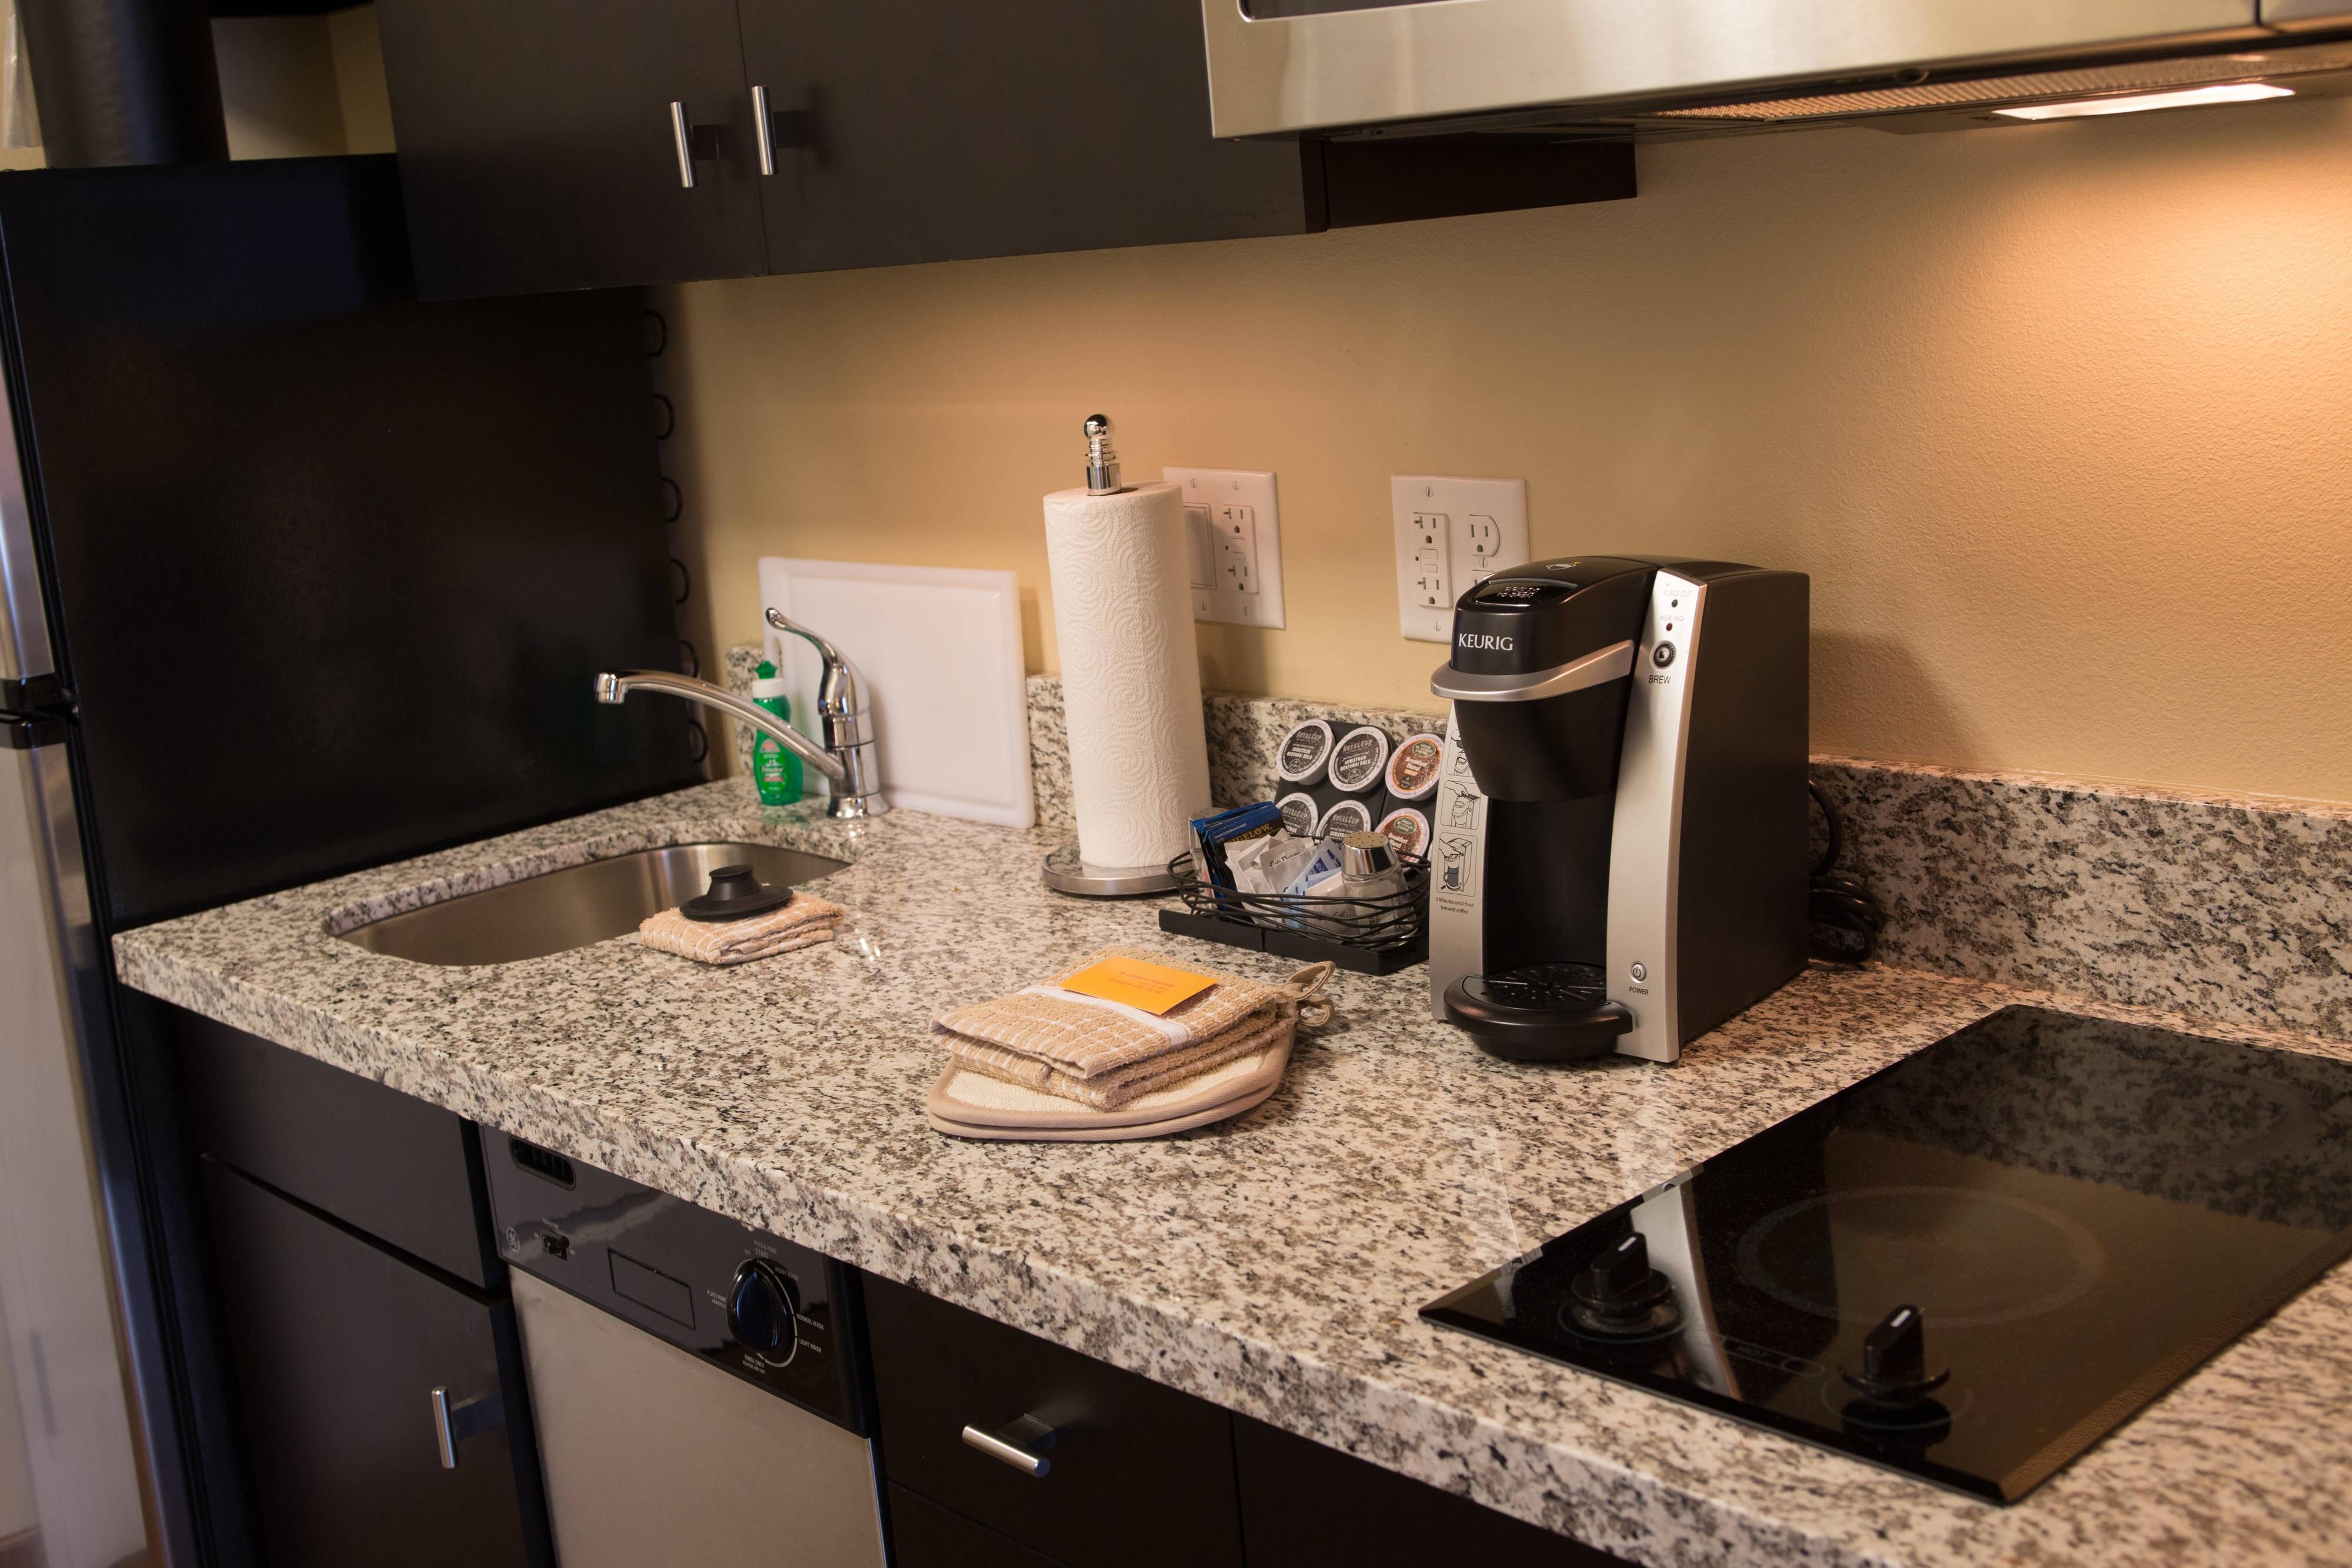 Keurig Coffeemakers in Guest rooms